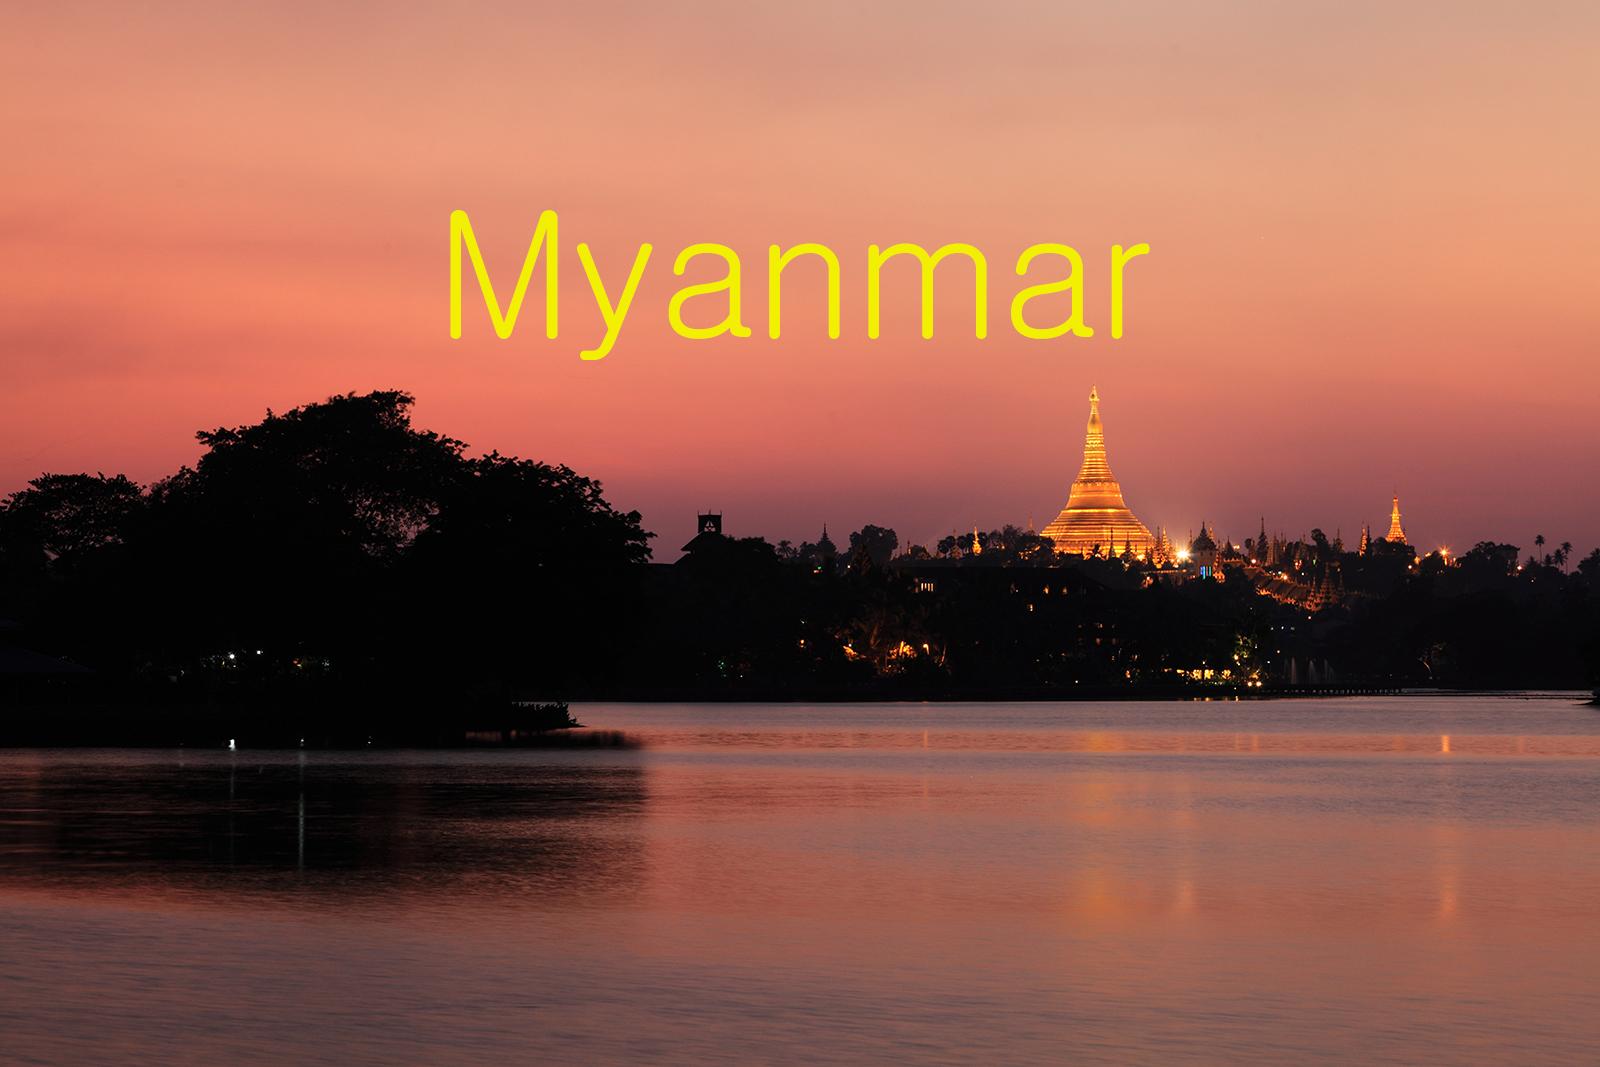 Видео - путешествие по Мьянме